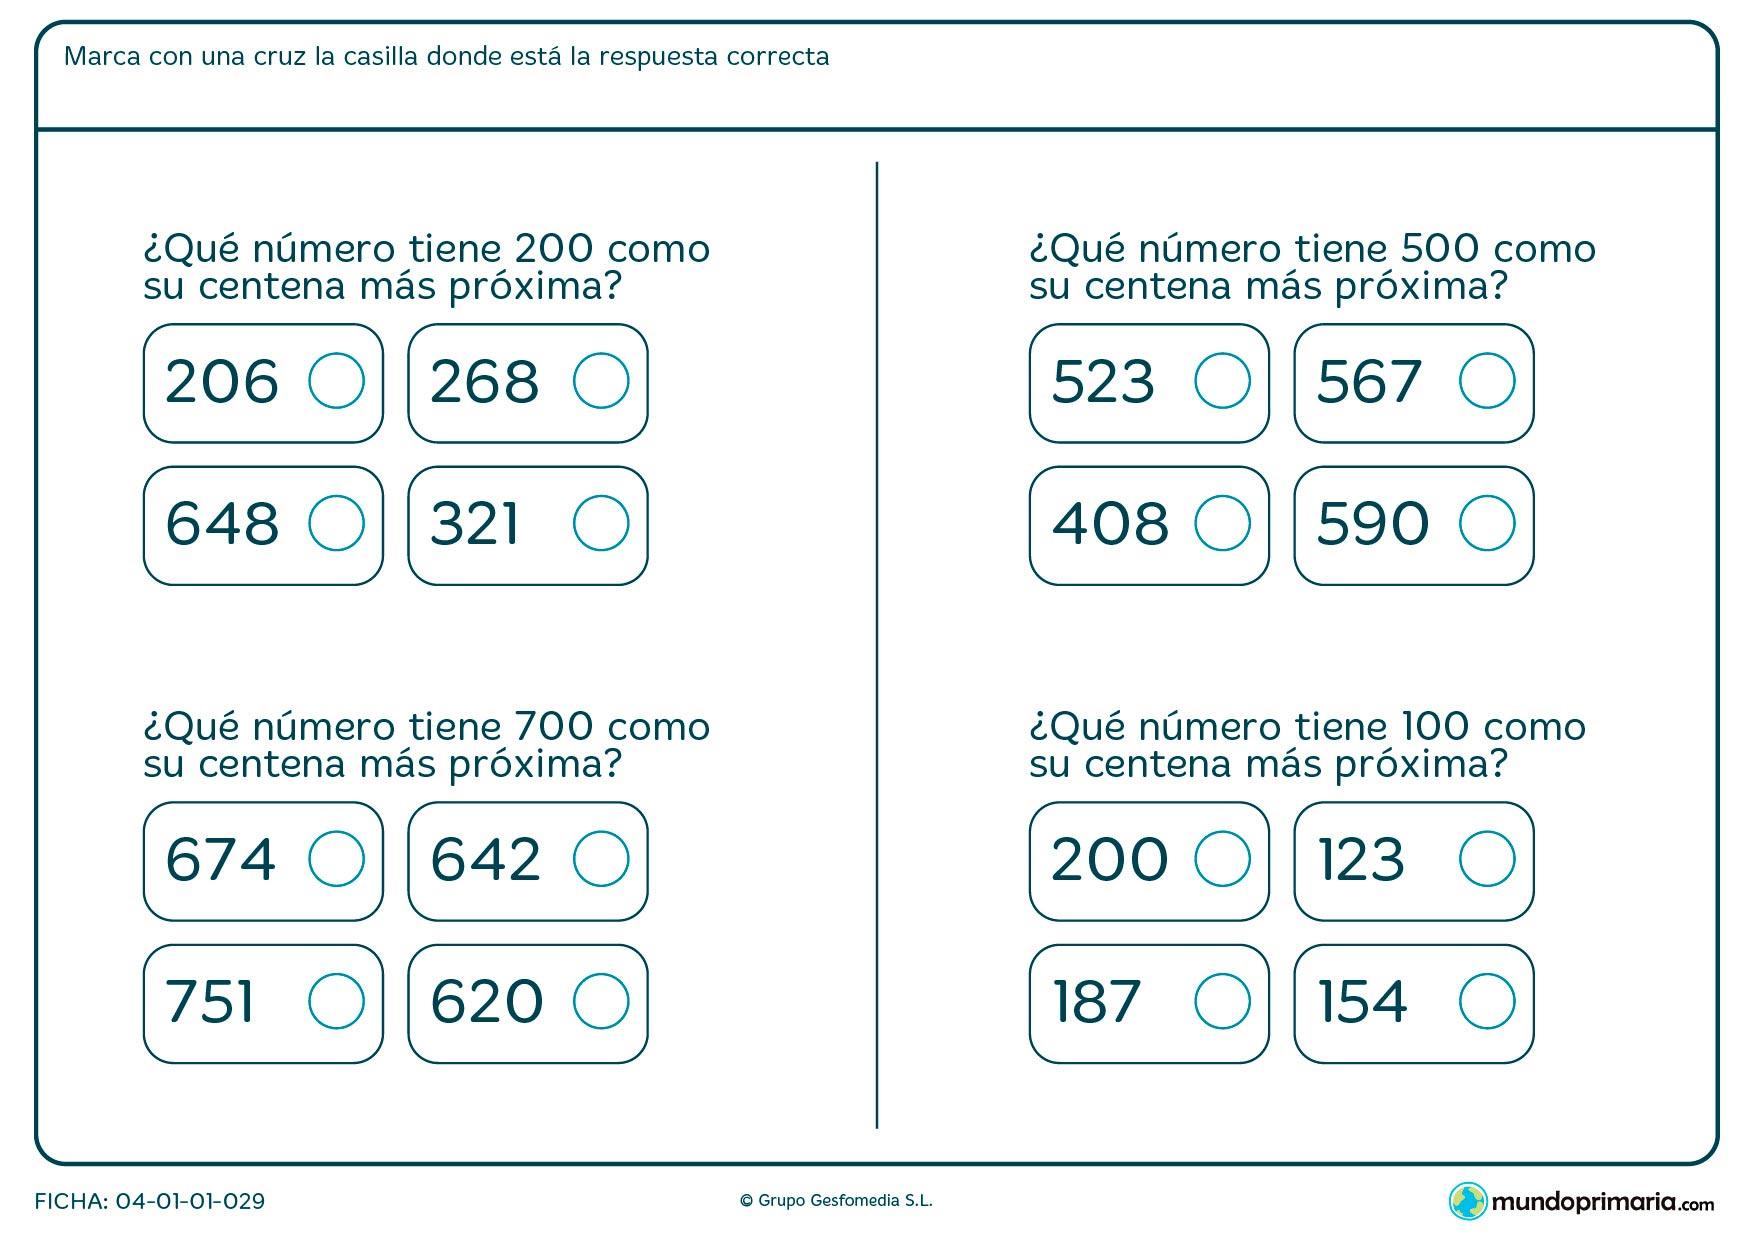 Ficha de cercanía de centenas con respecto a los números que aparecen en la ficha.